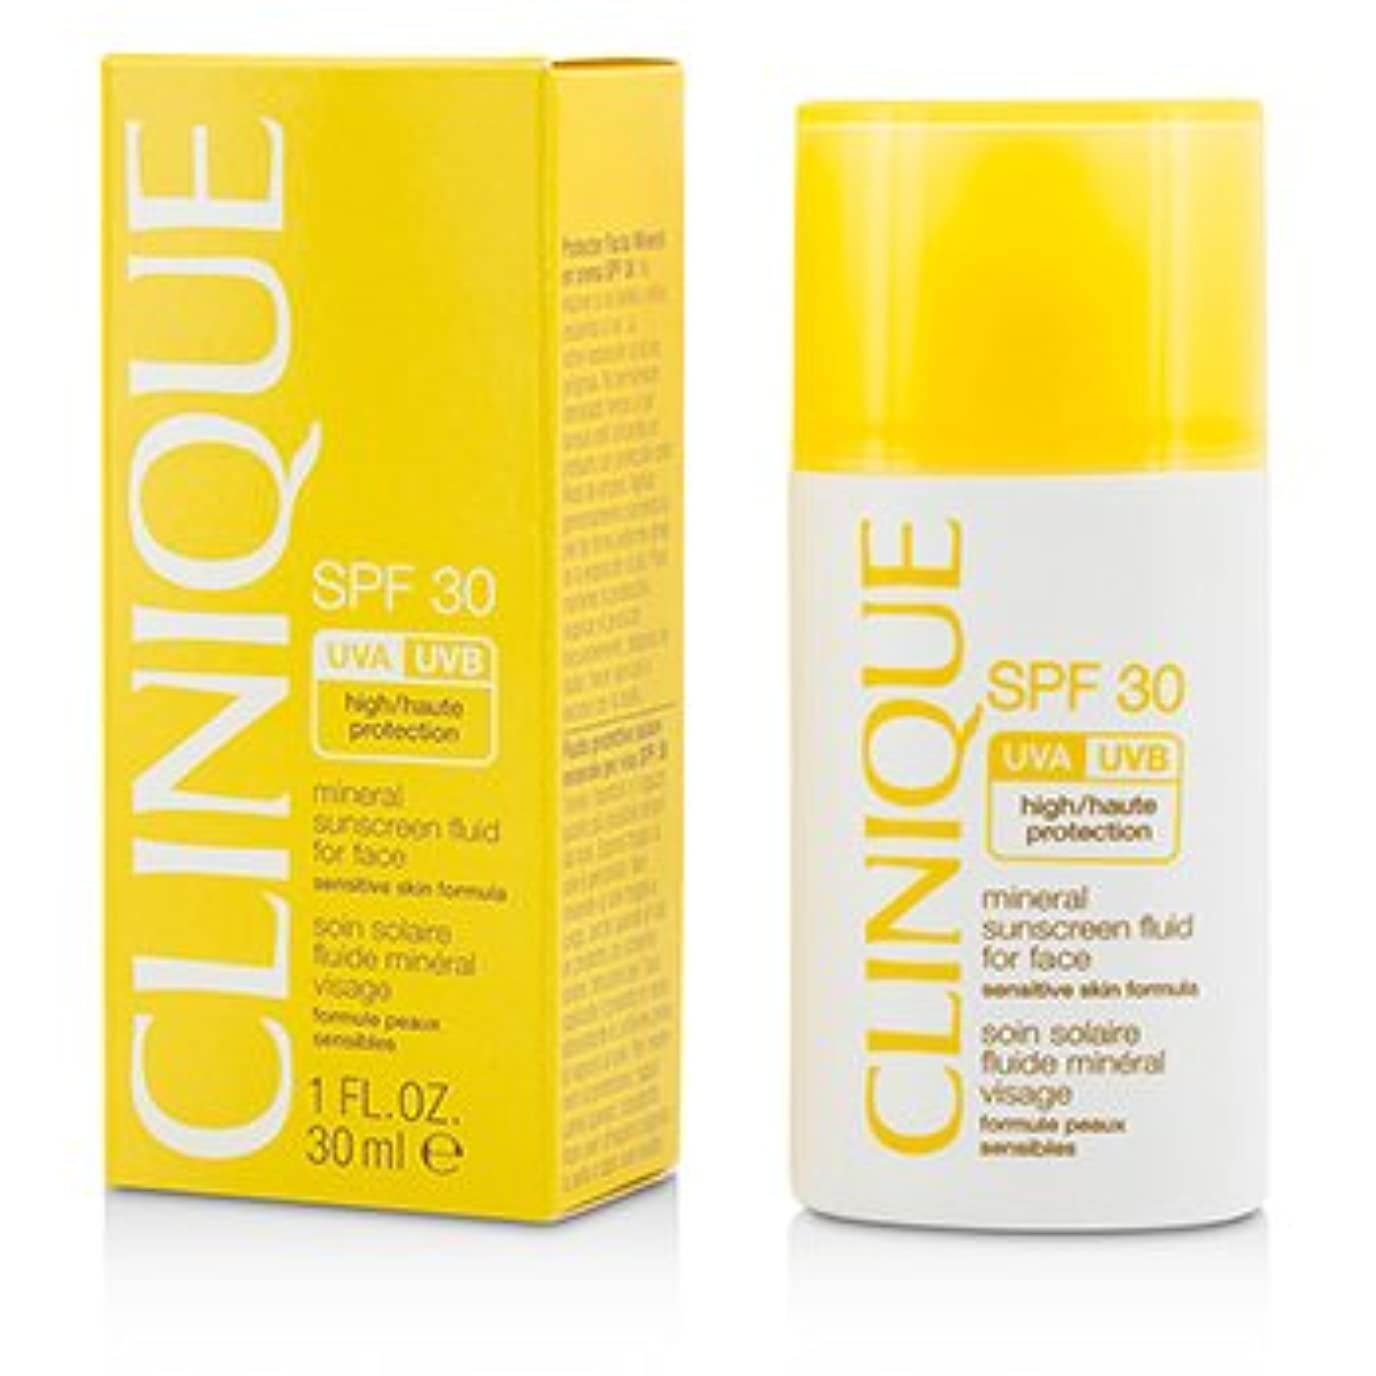 リーフレット崇拝しますインチ[Clinique] Mineral Sunscreen Fluid For Face SPF 30 - Sensitive Skin Formula 30ml/1oz